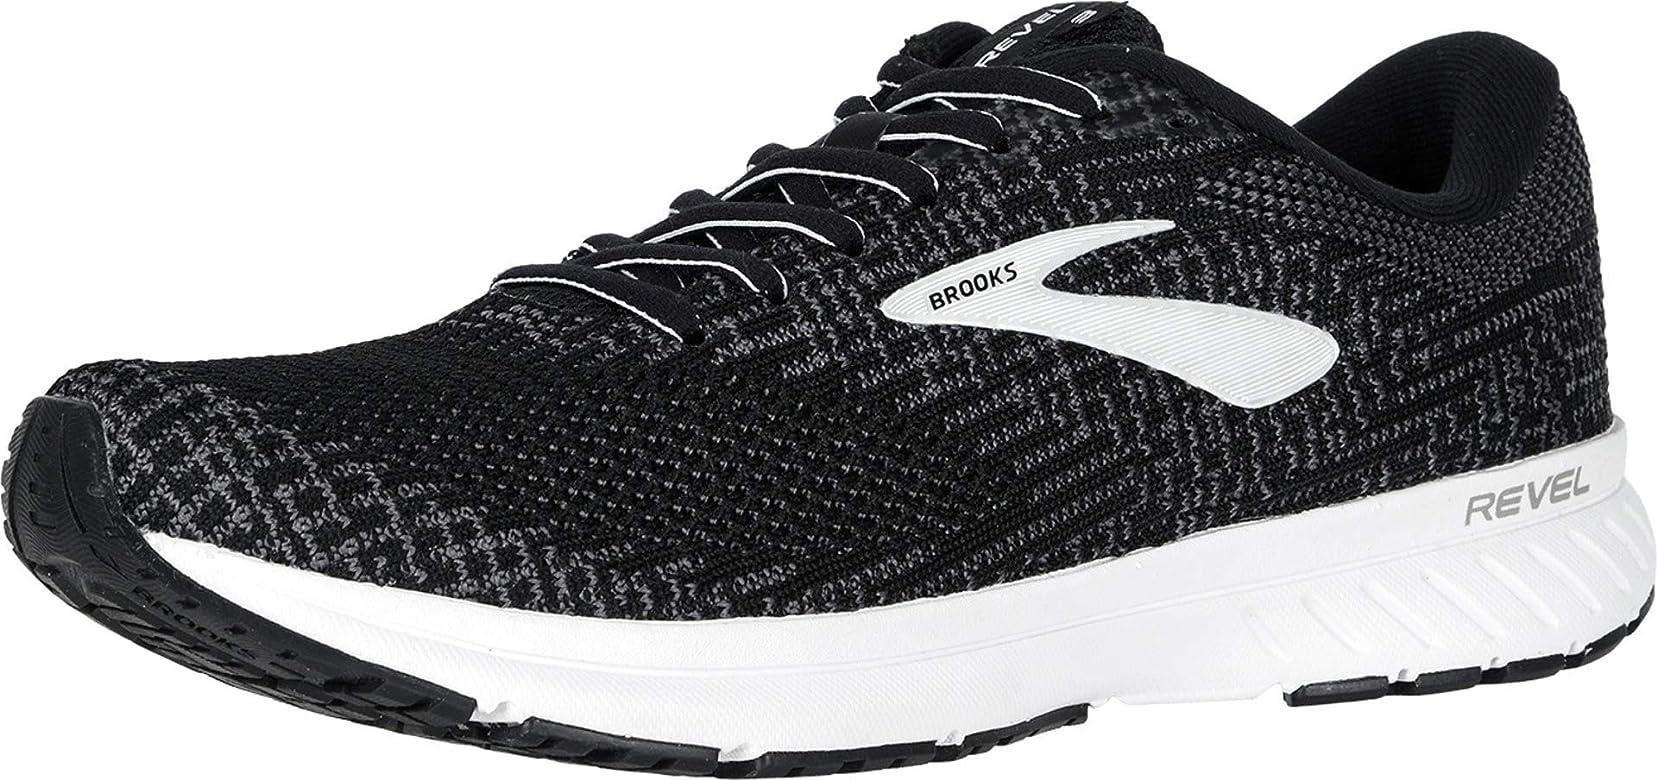 Brooks Revel 3, Zapatillas de Running para Hombre, Negro (Black/Blackened Pearl/White 012), 40 EU: Amazon.es: Zapatos y complementos